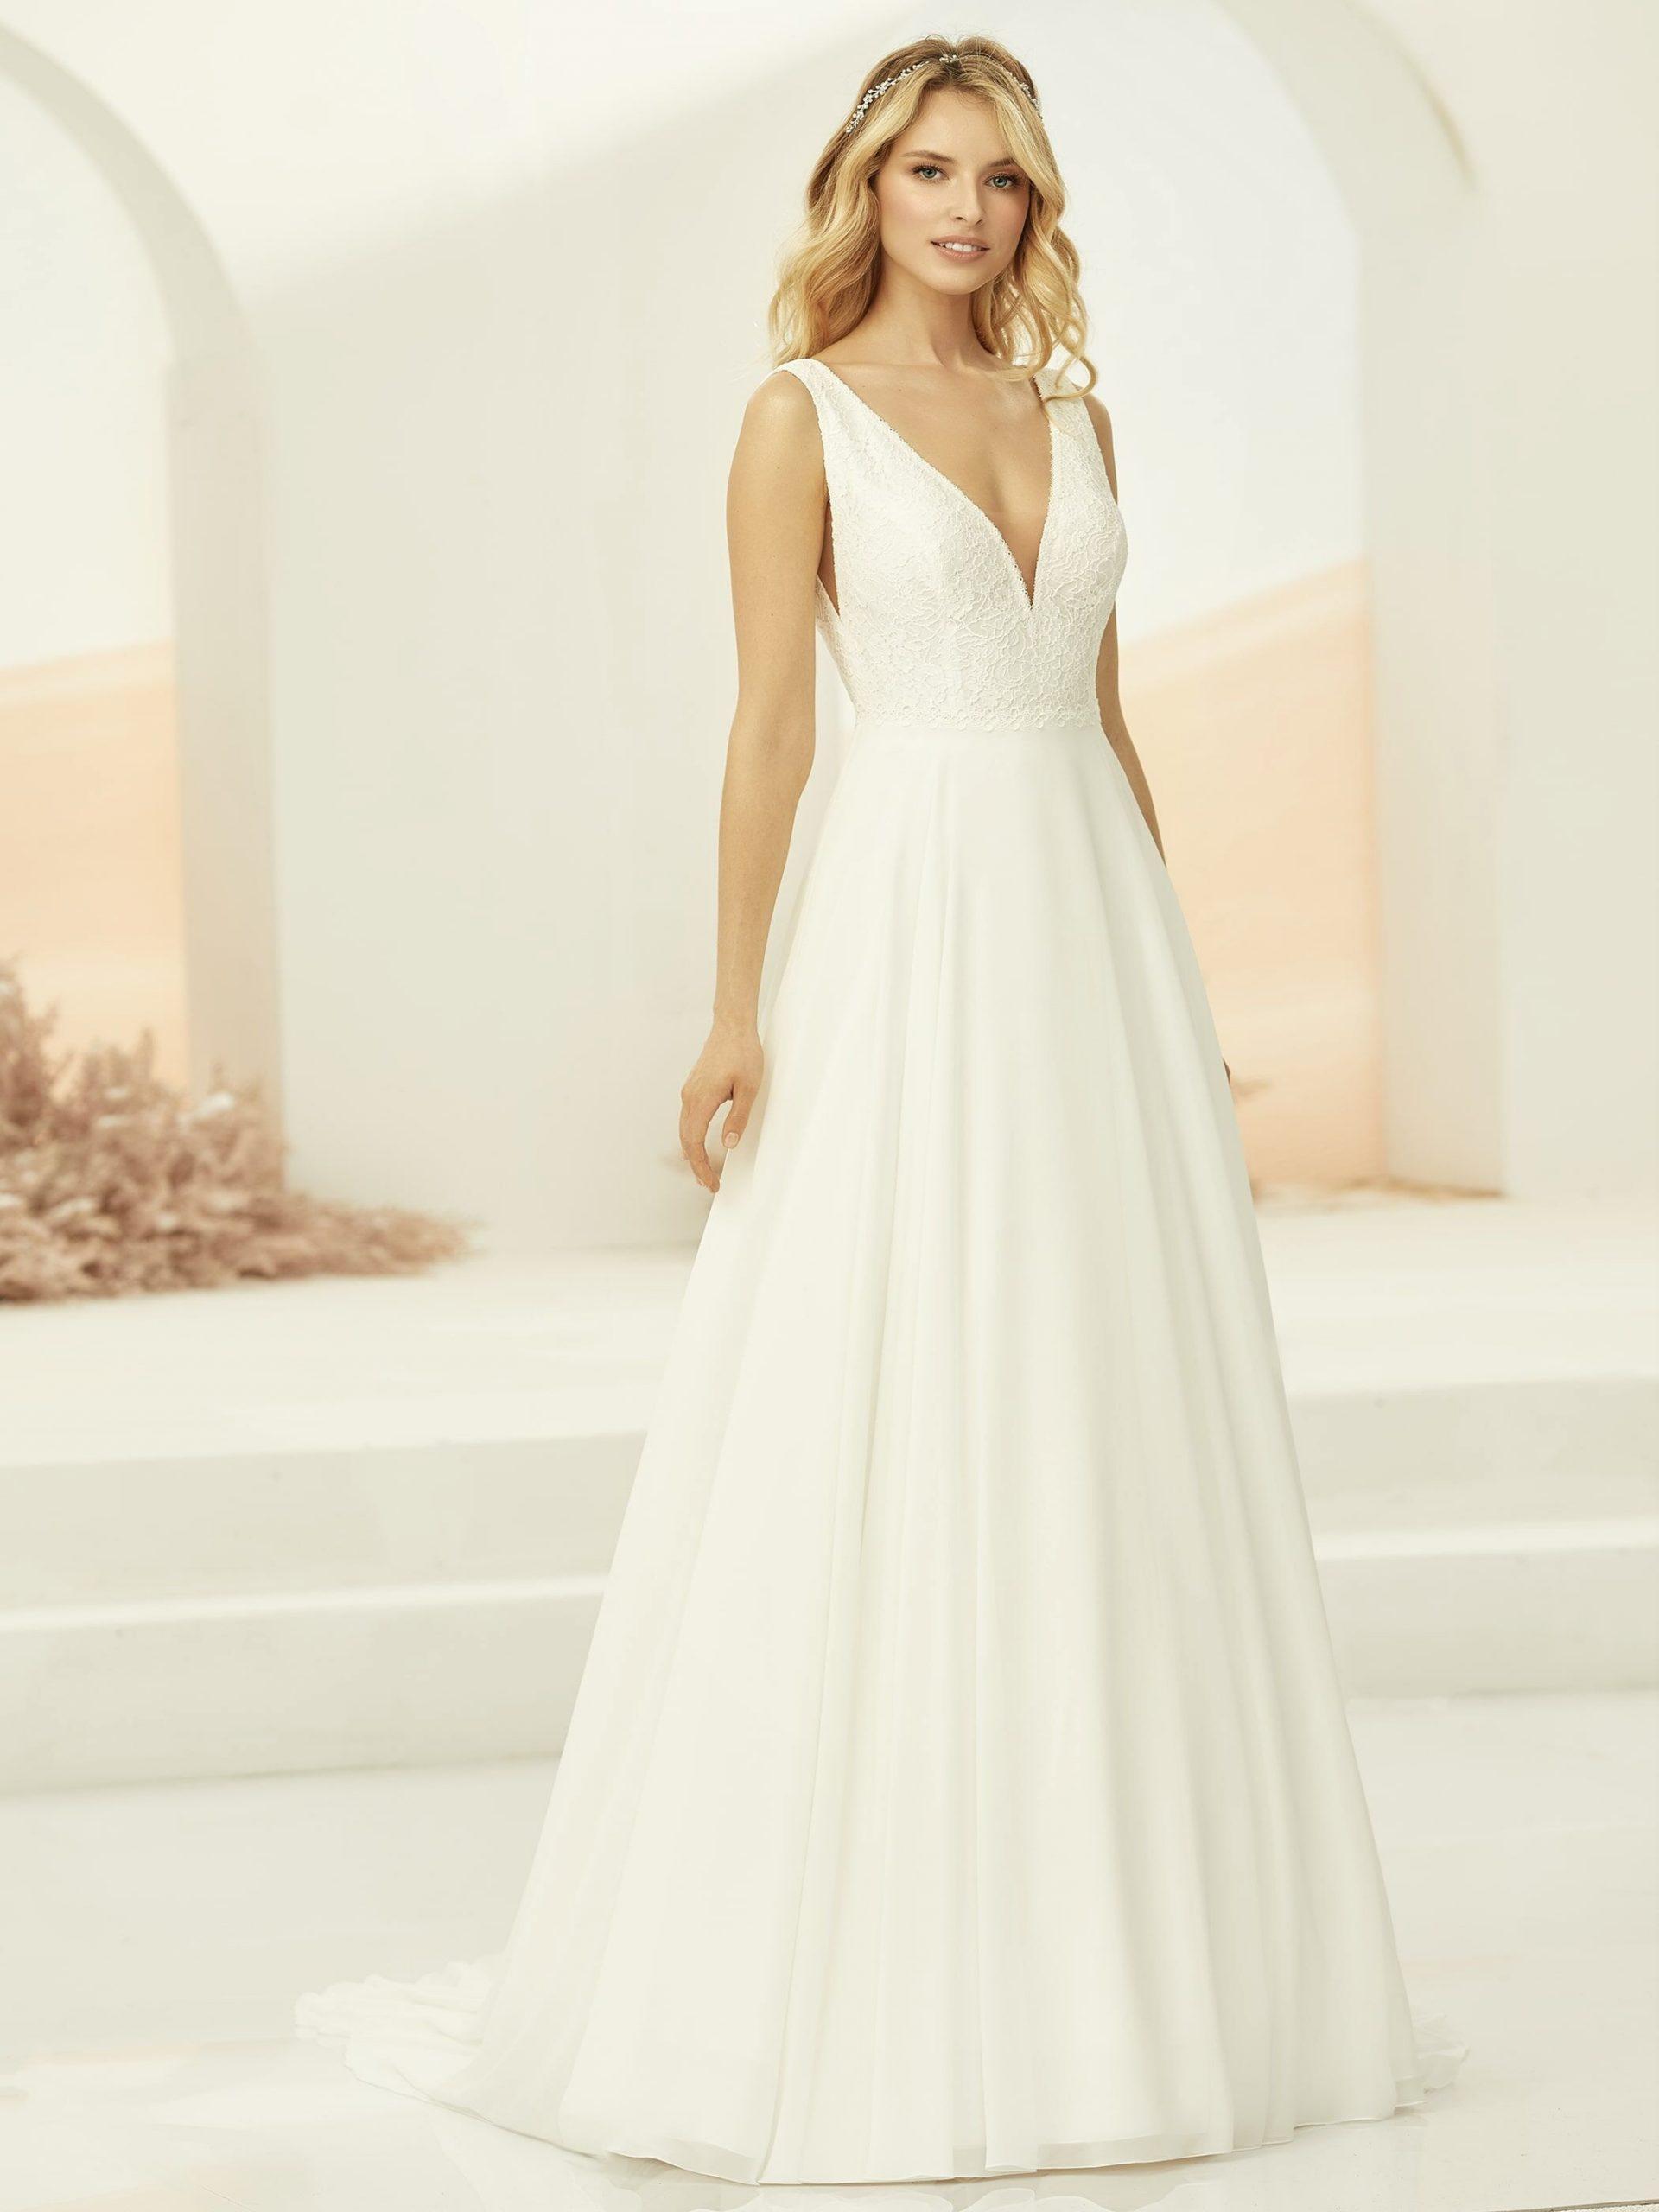 Hochzeitskleid Elodia Elfenbeinfarben  Samyra Fashion